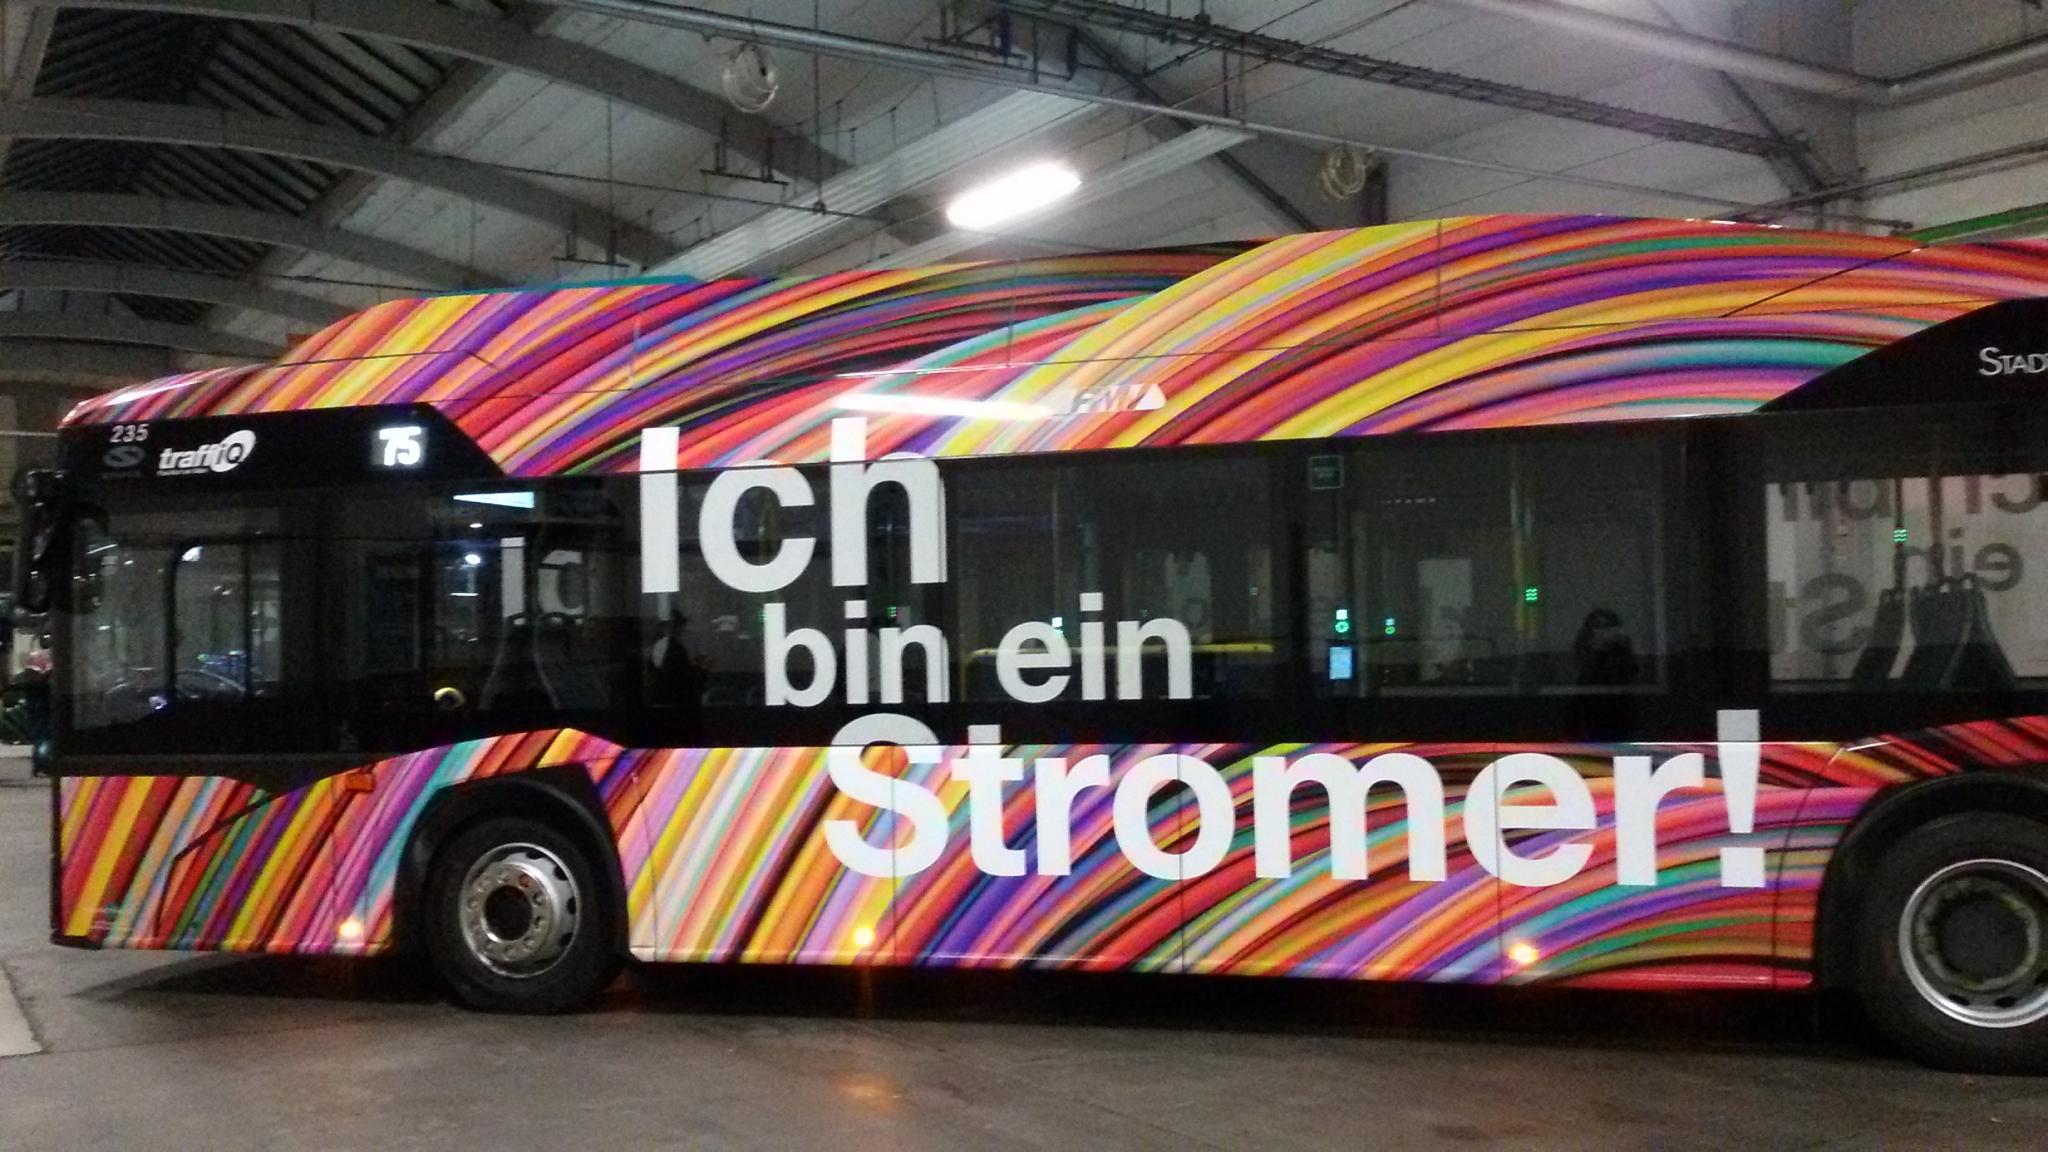 54e15372354972 Journal Frankfurt Nachrichten - Frankfurt stellt Elektrobusse vor ...